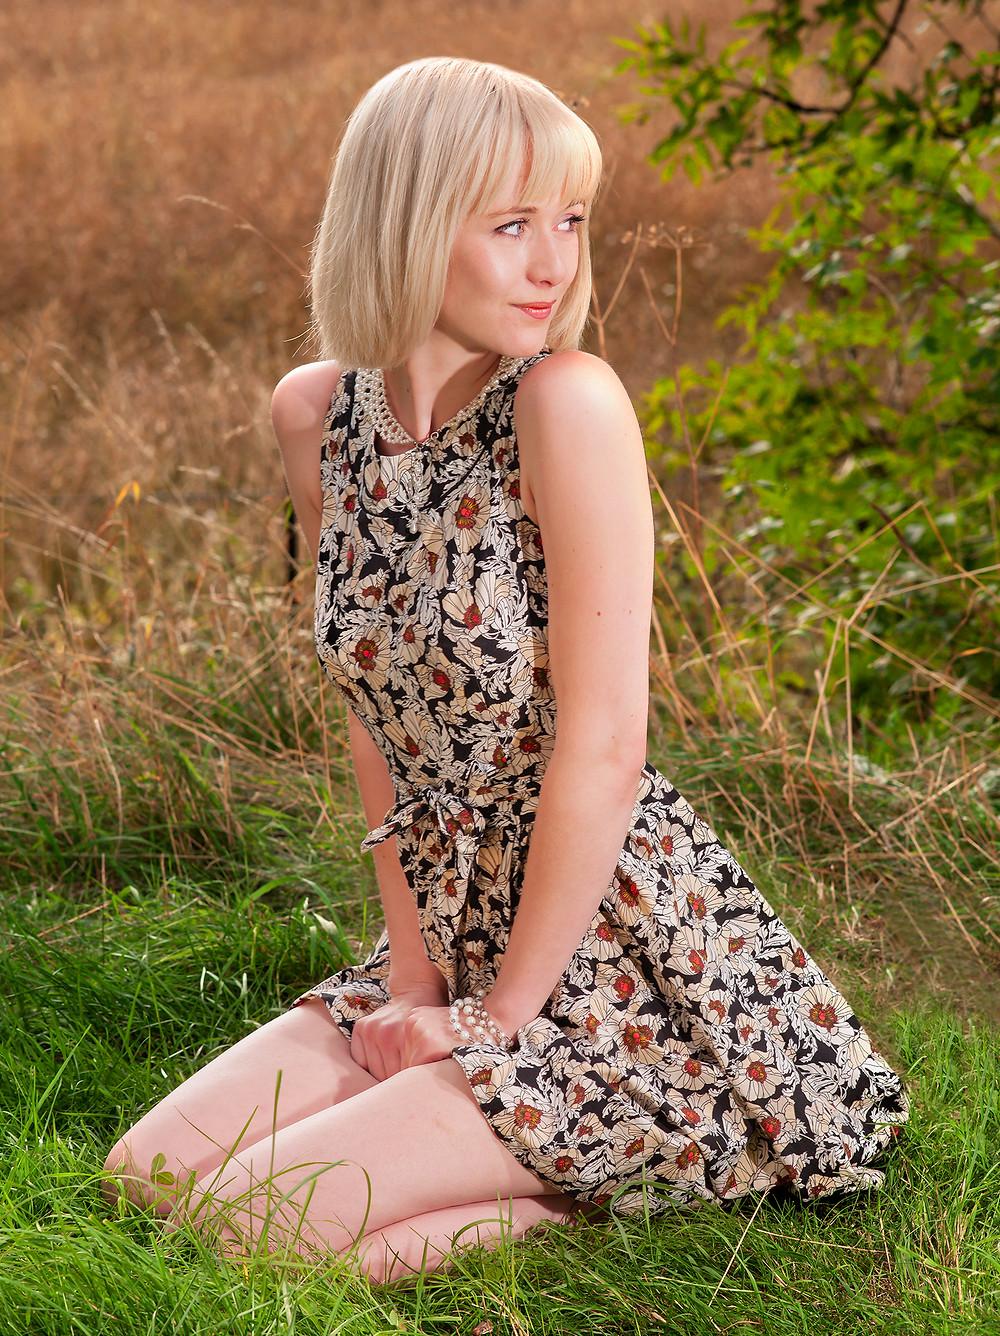 Katie Green - Brunton, Wilts, UK